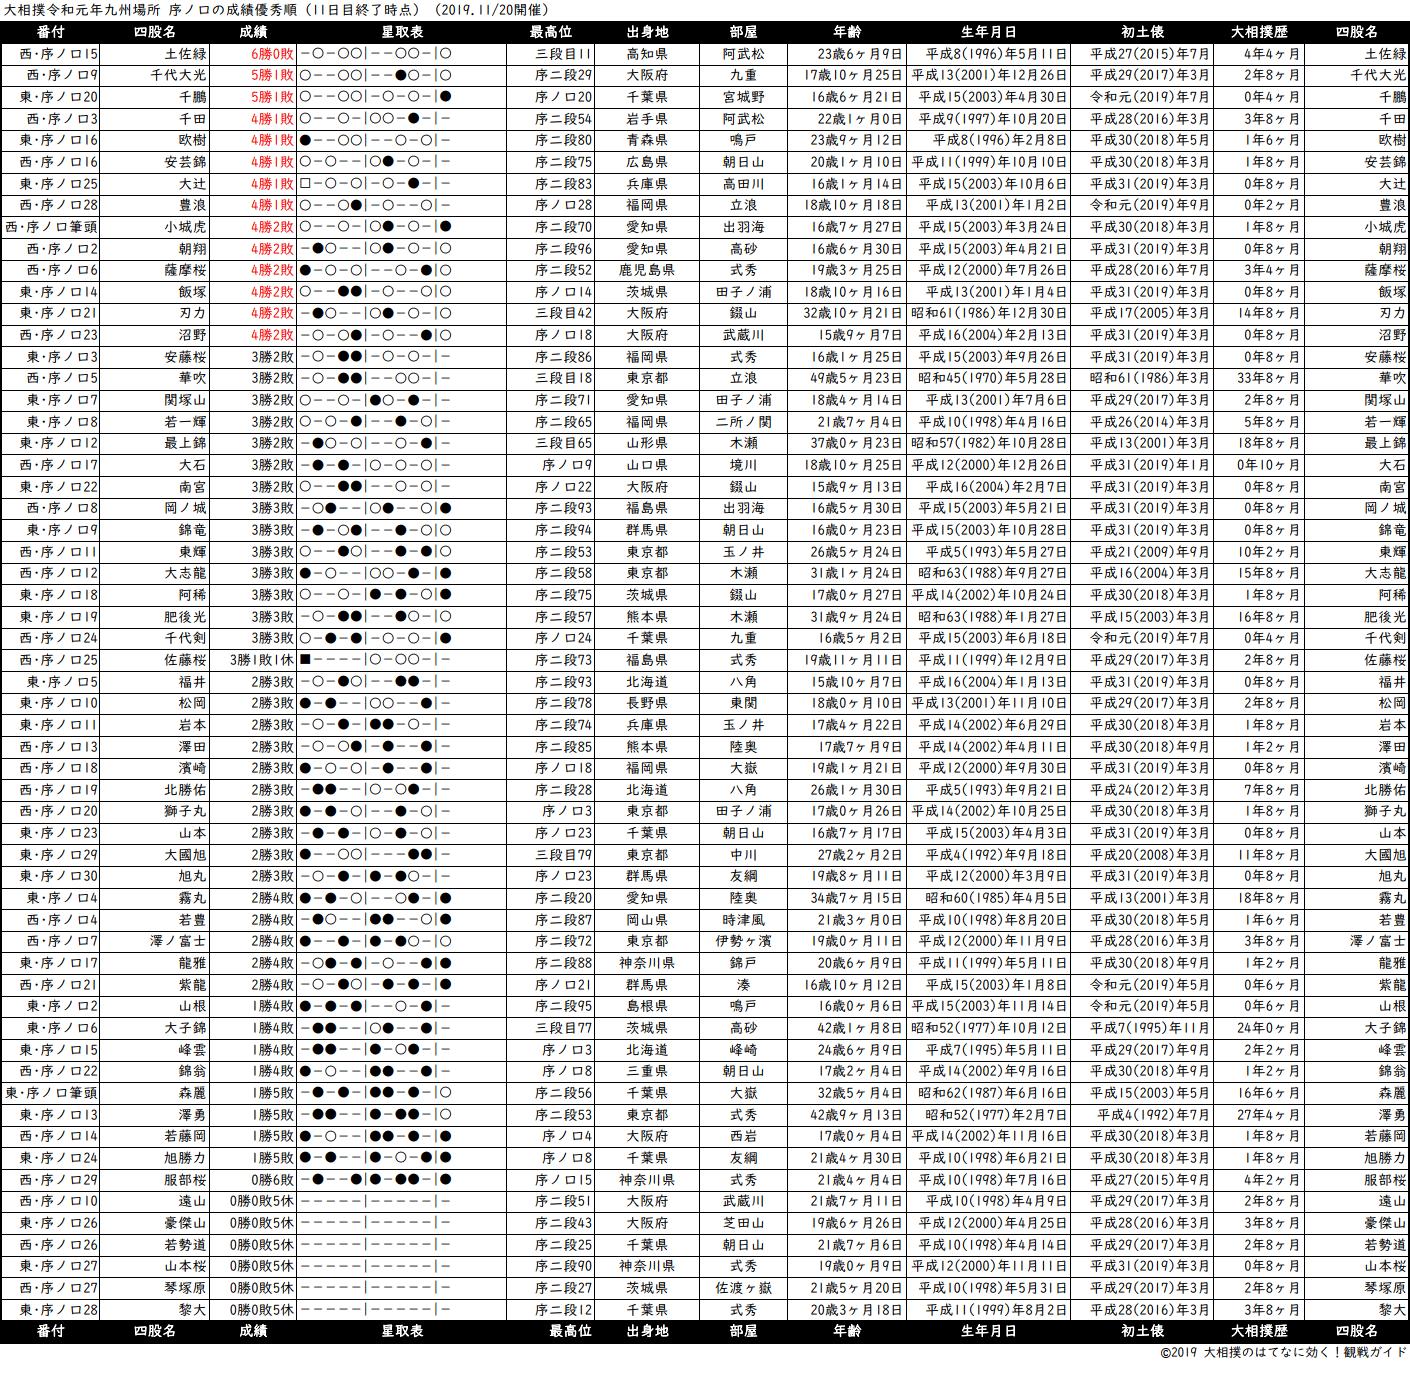 序ノ口成績順一覧表・2019年11月場所11日目